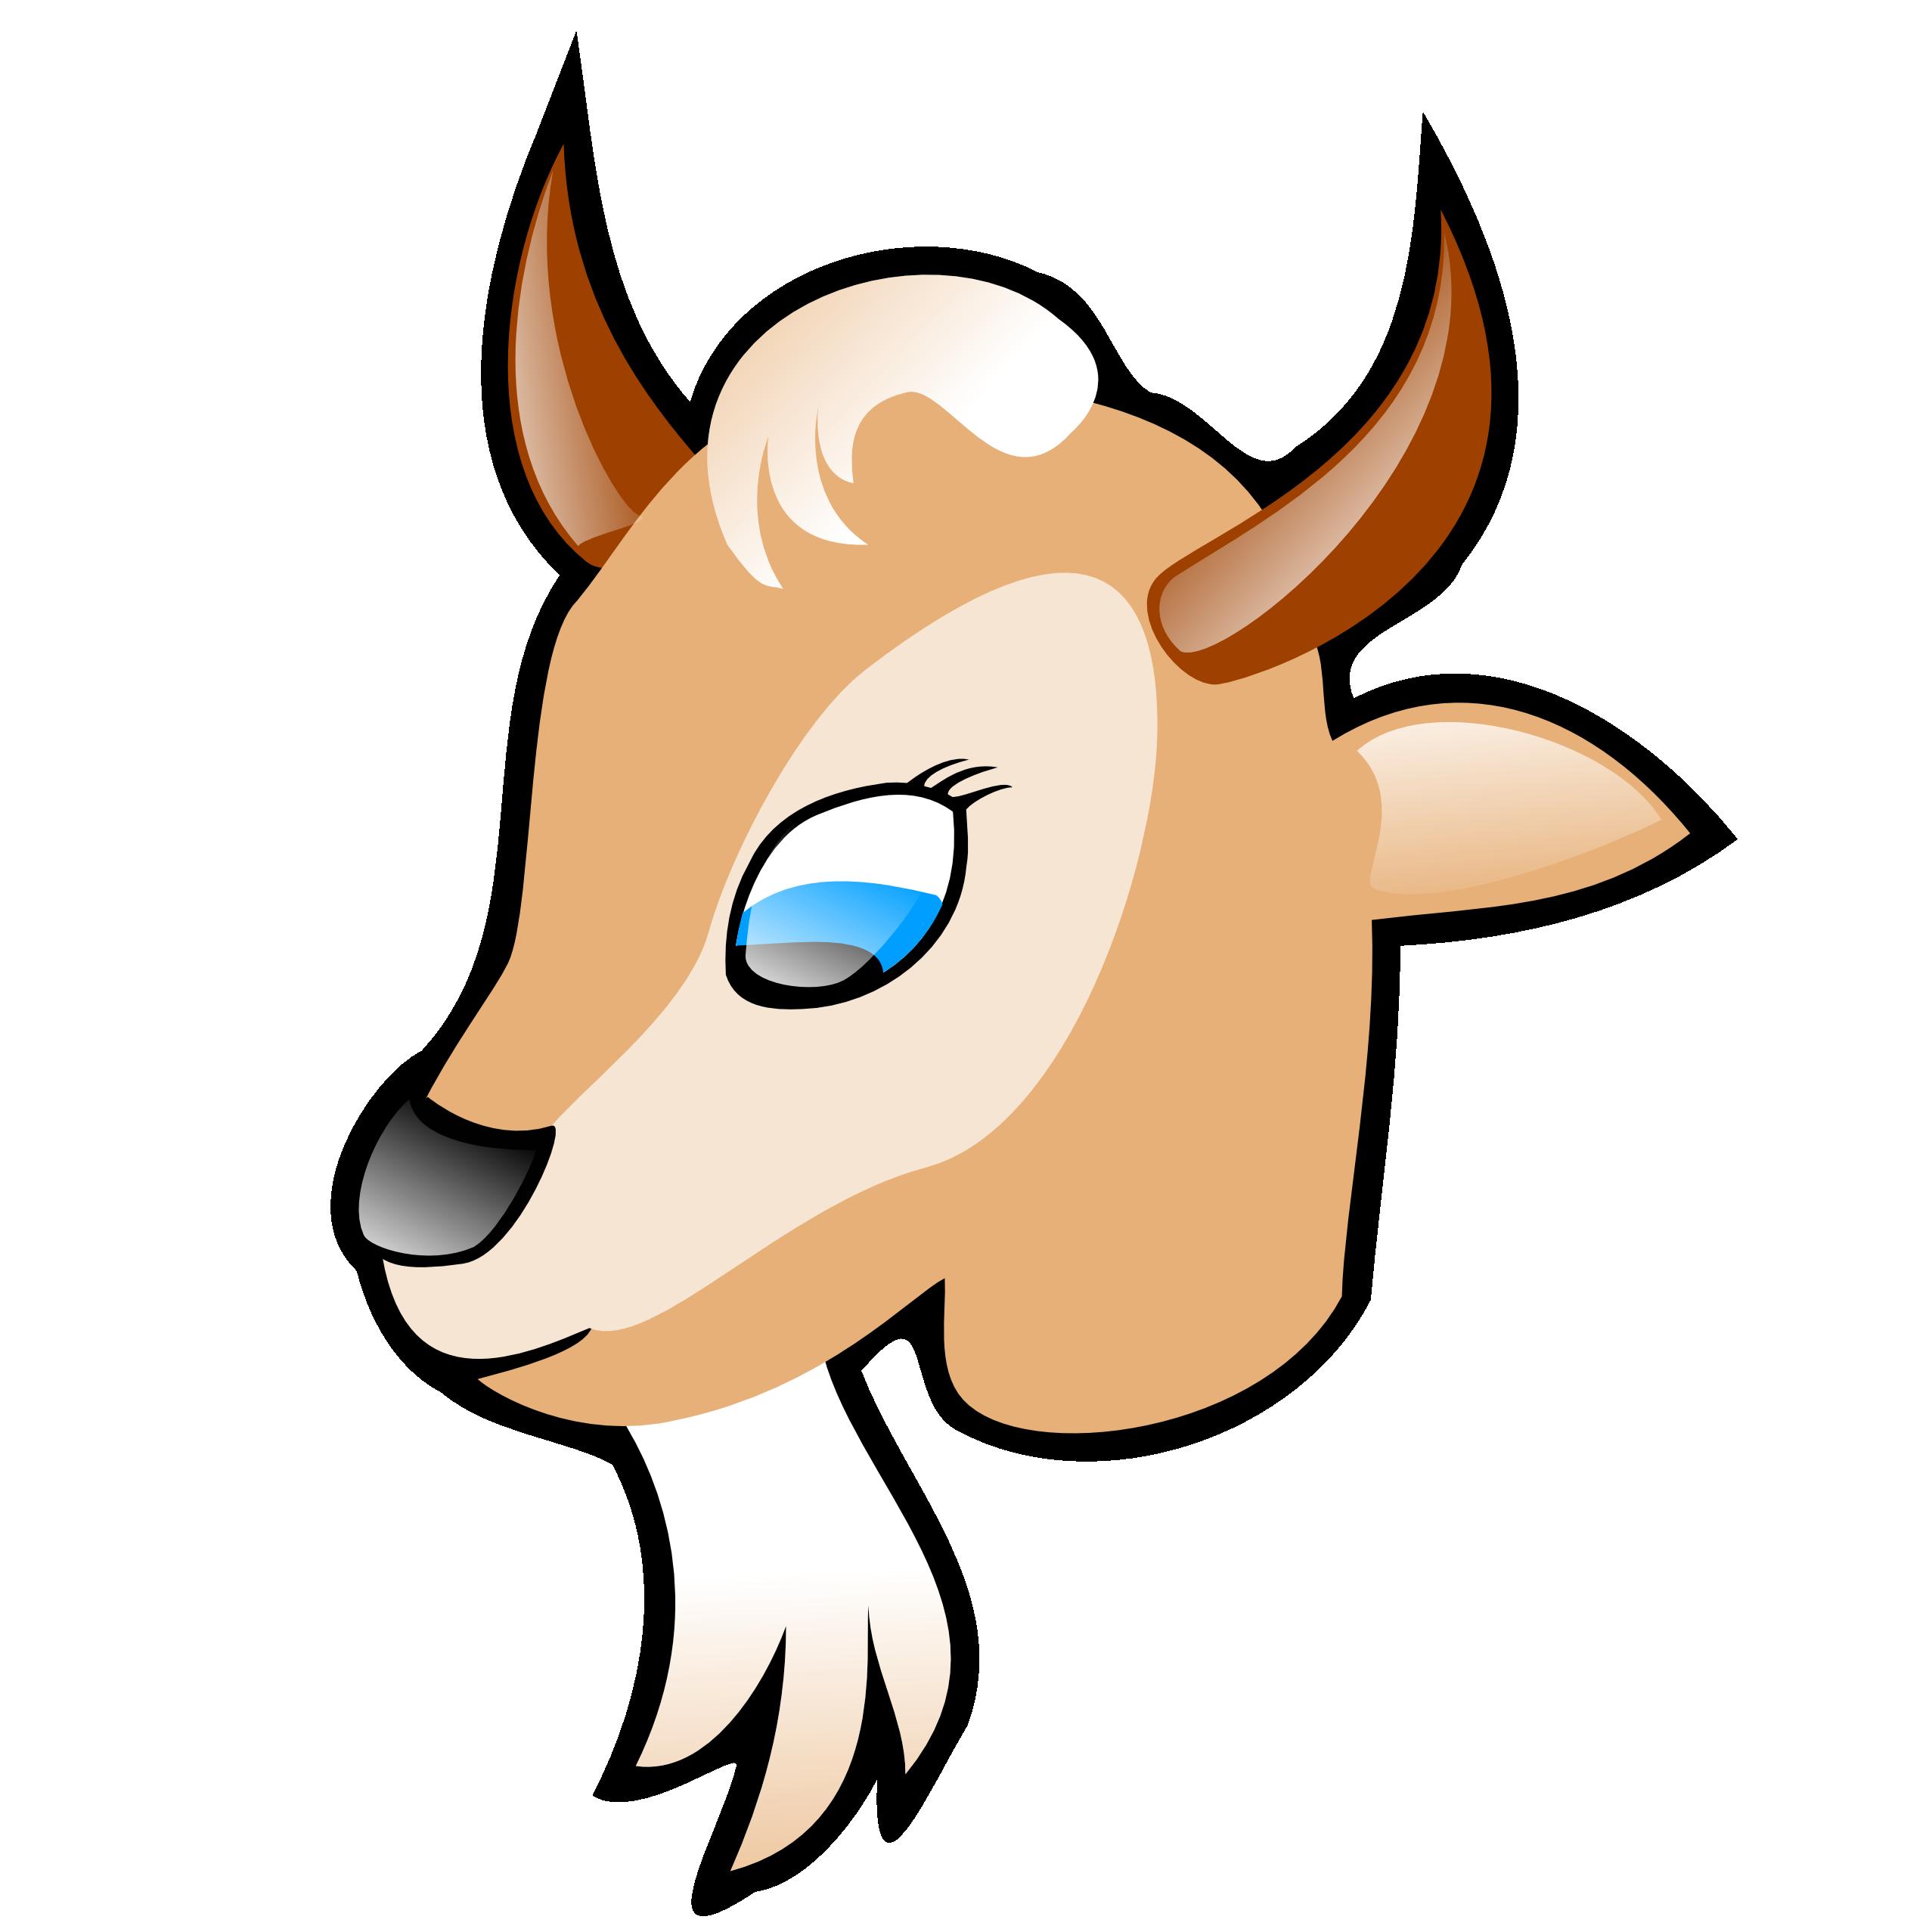 Clipartcow clipartix. Goat clipart cute anime